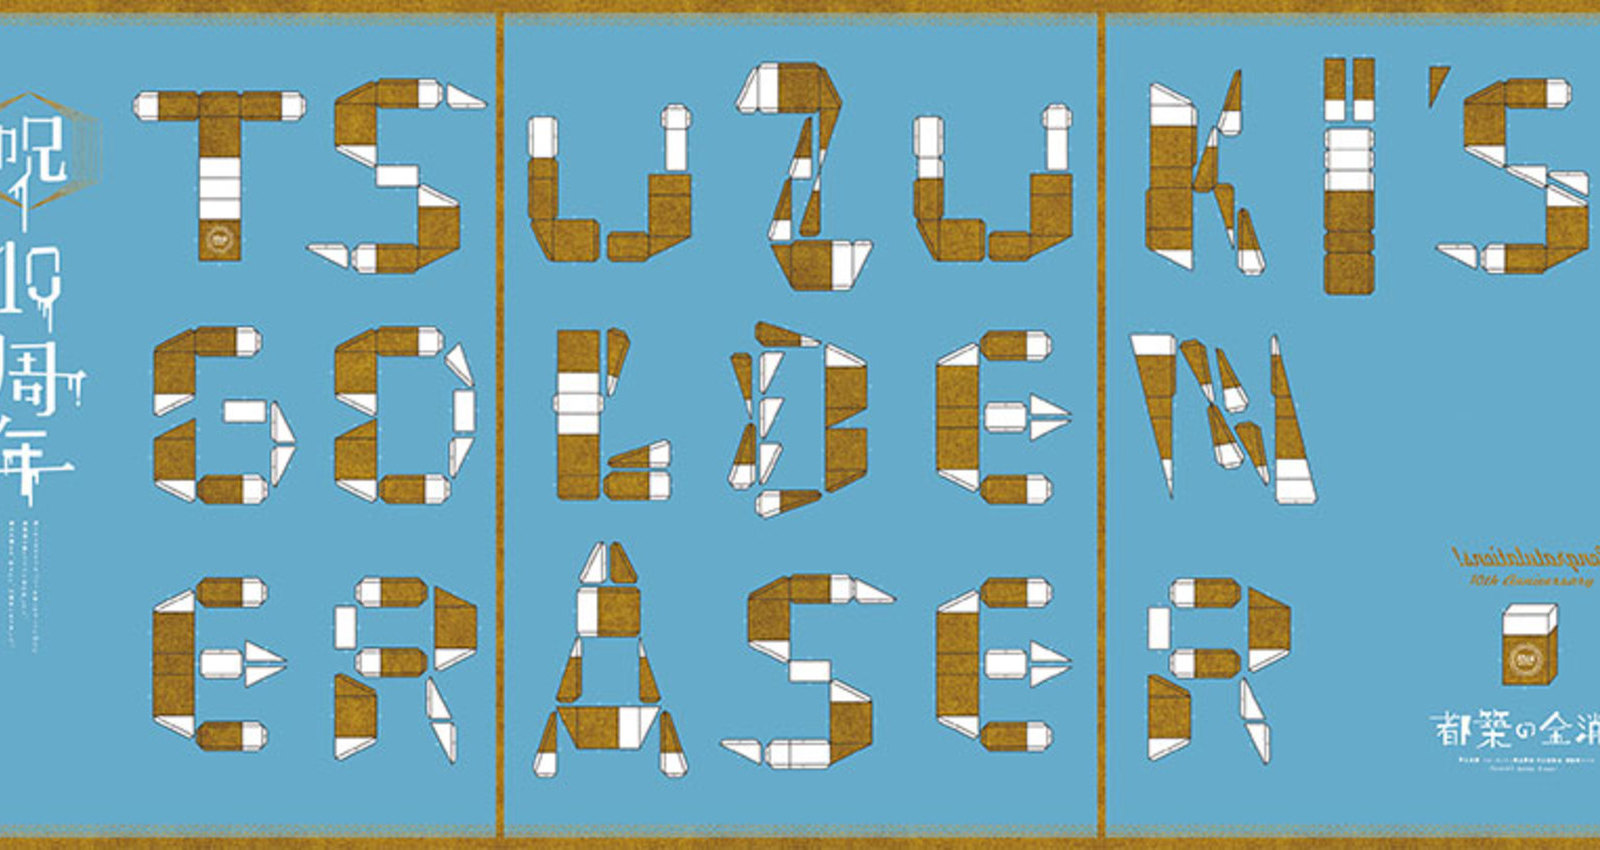 Tsuzuki's Golden Eraser for bad copywriters